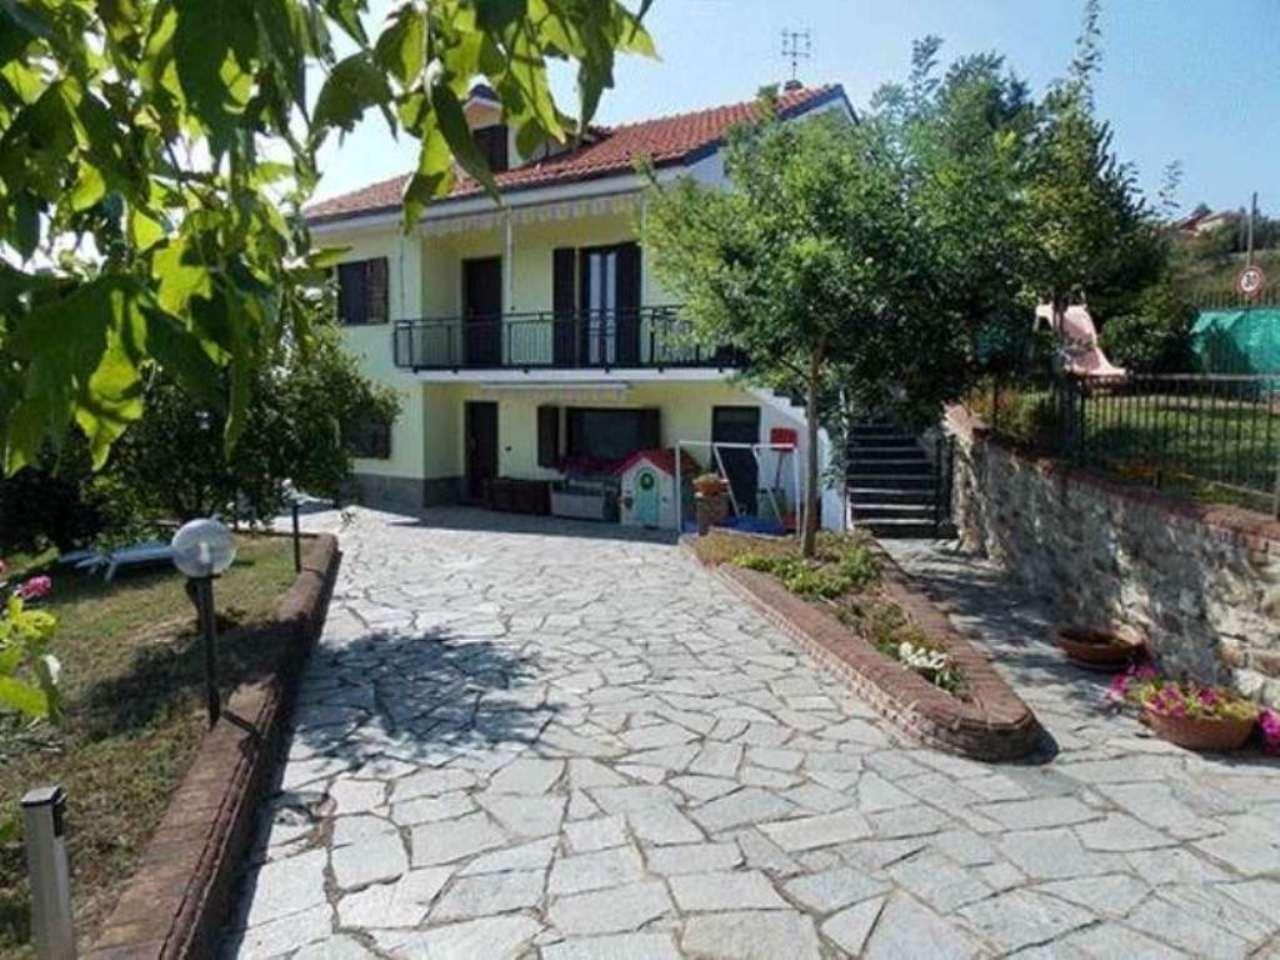 Villa in vendita a Cavatore, 6 locali, prezzo € 380.000 | Cambio Casa.it